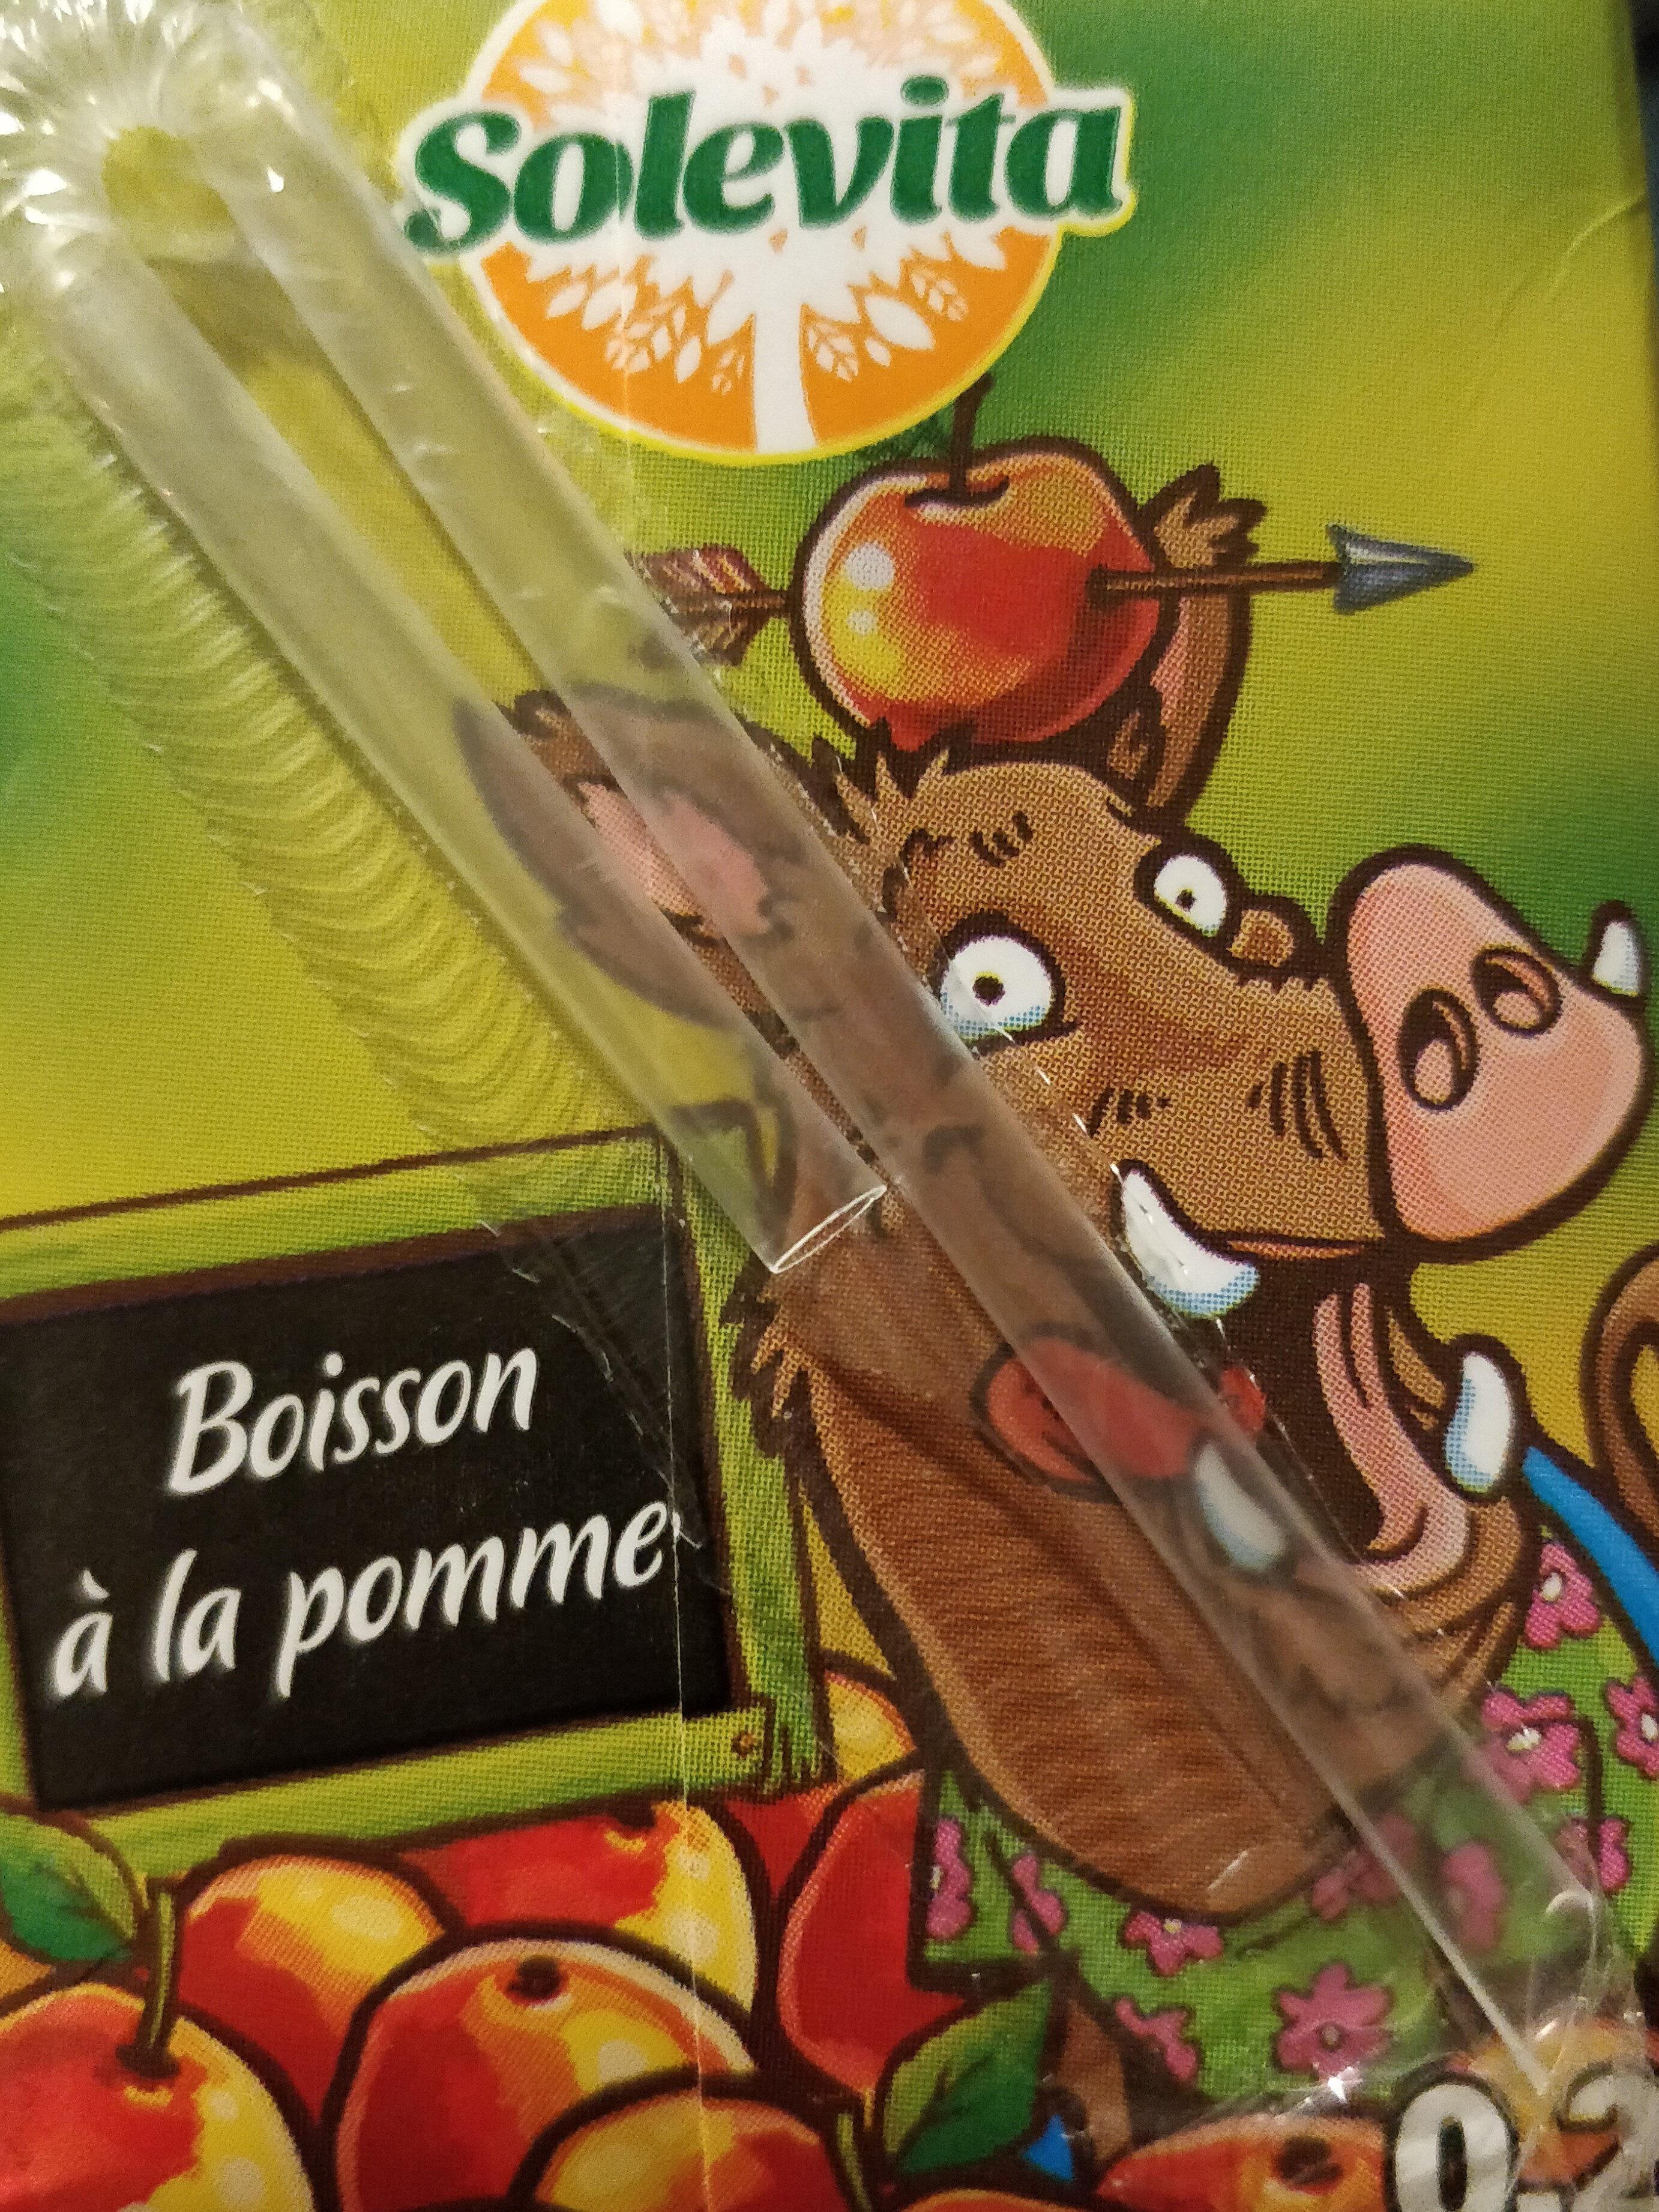 boisson a la pomme - Product - fr